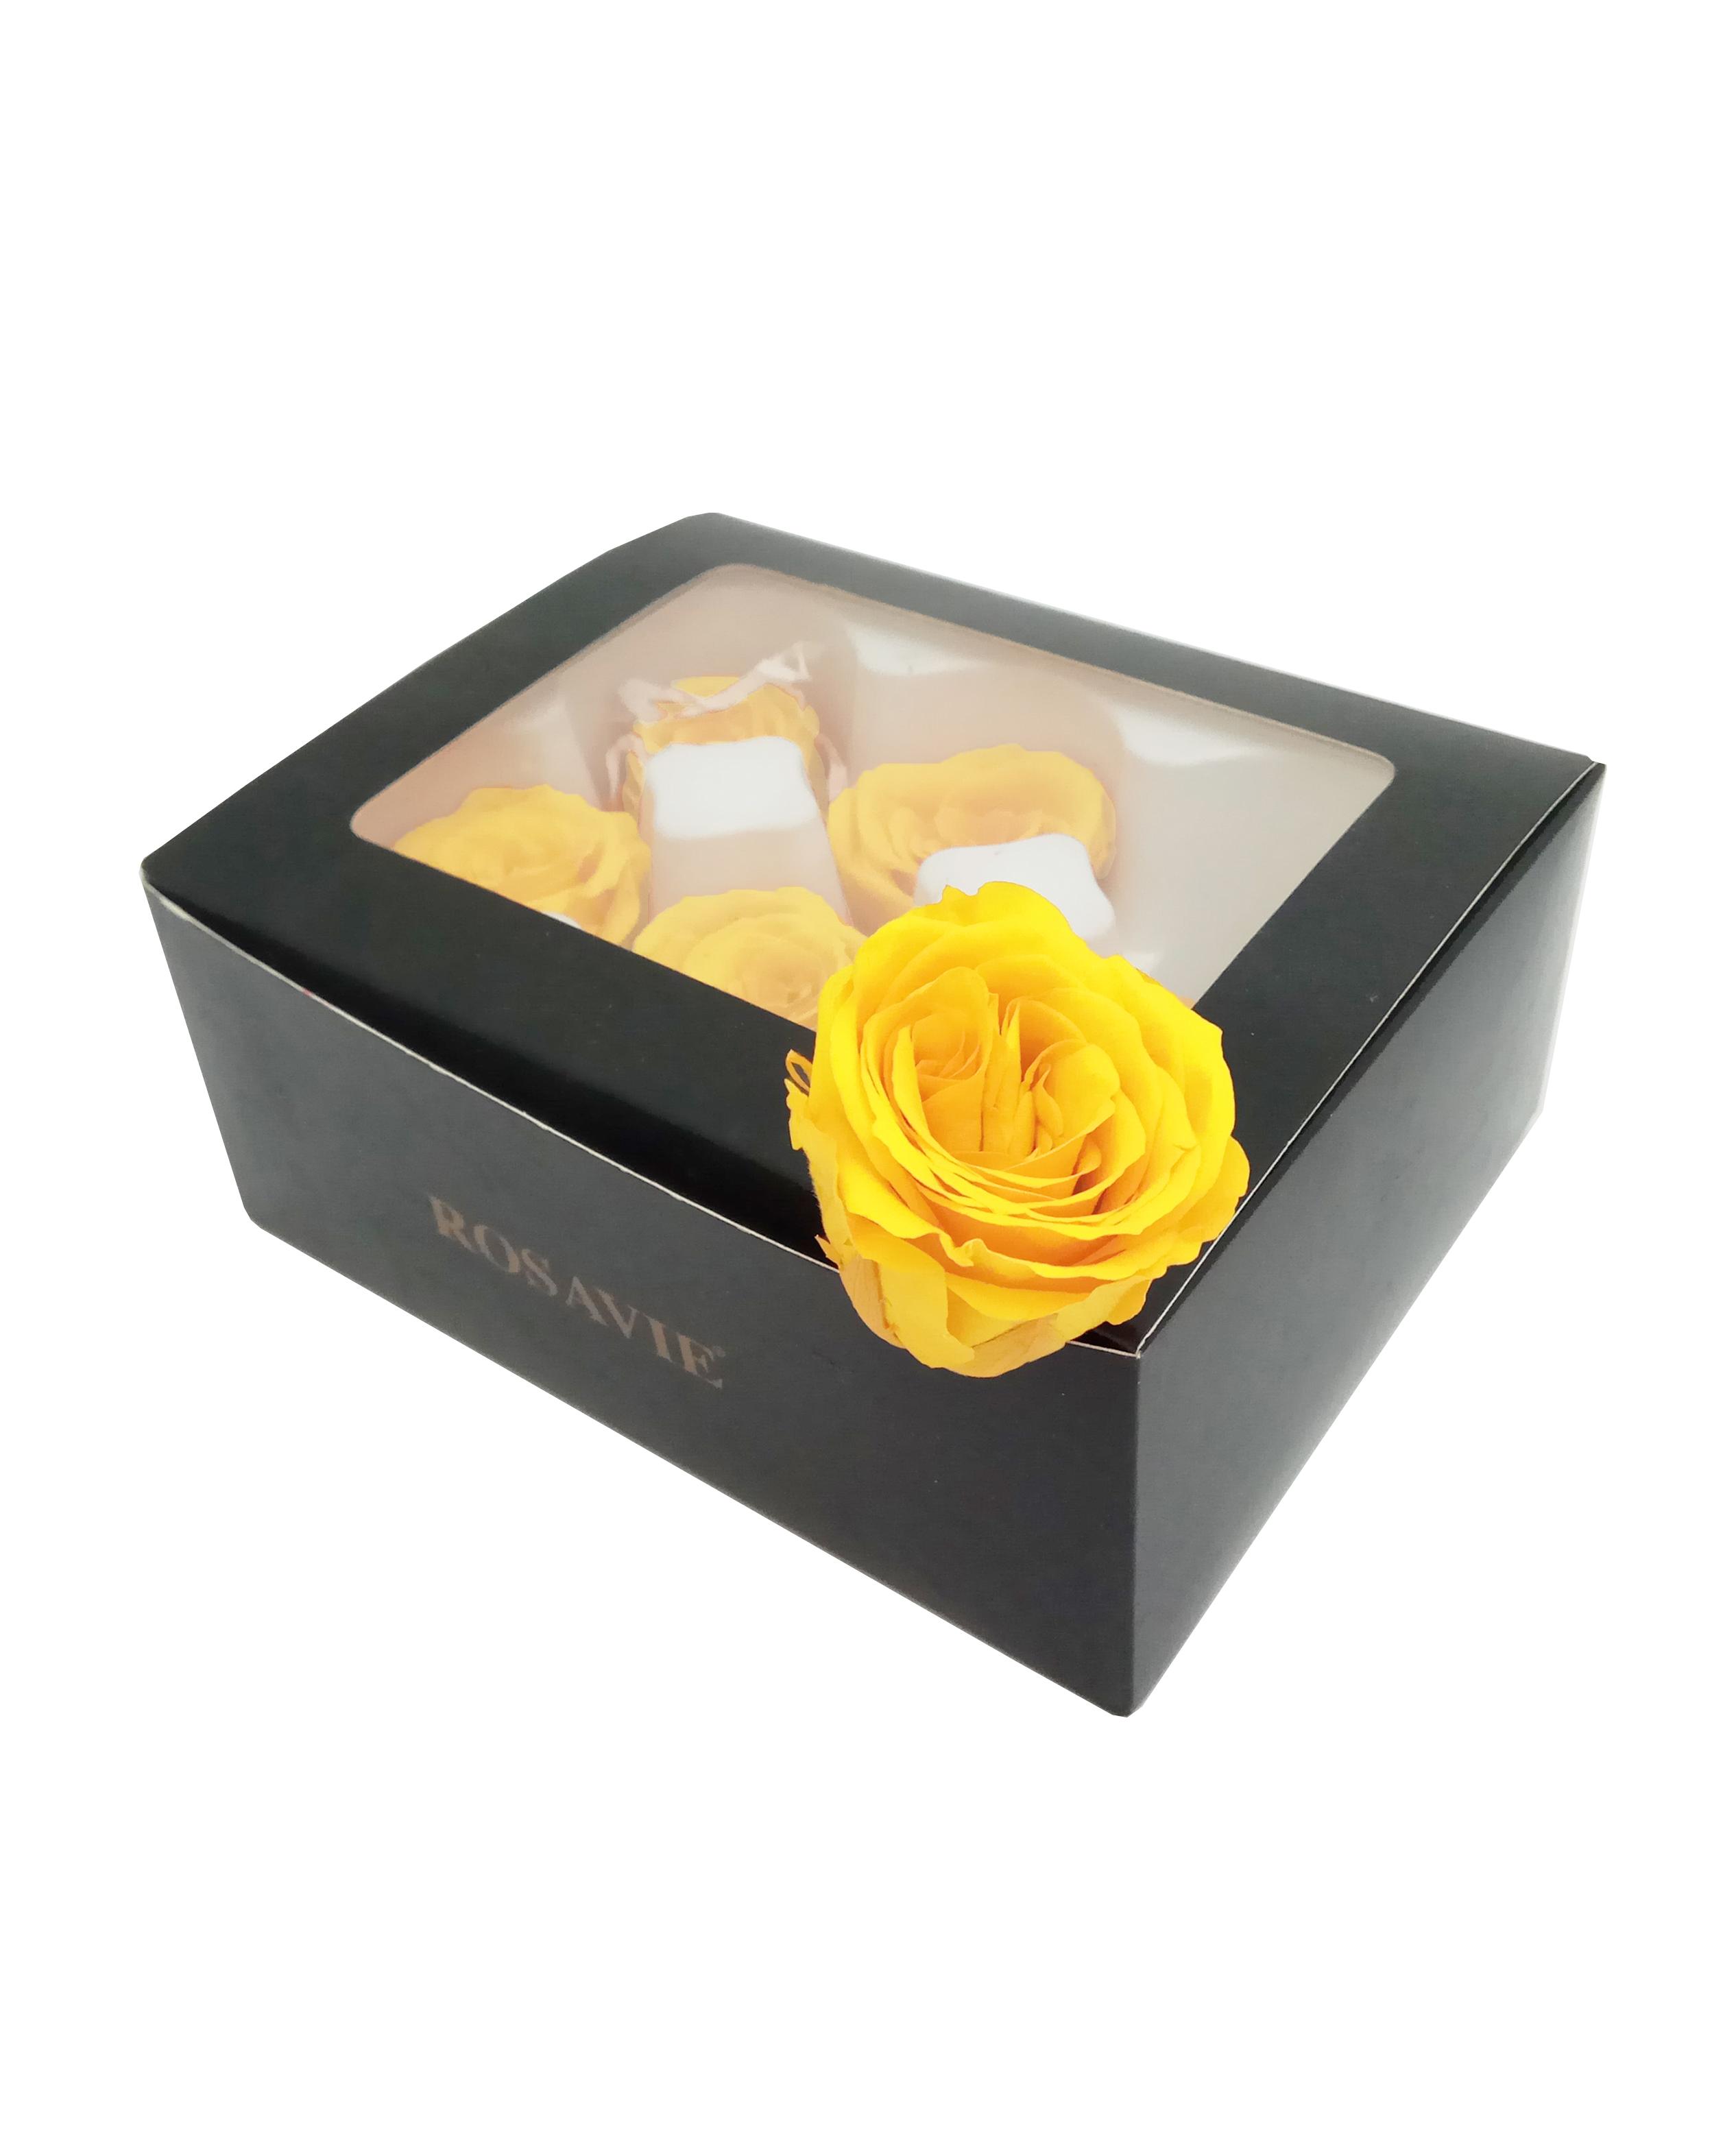 Роза открытая H-5.5см, D-4.5см, цвет желтый 6шт/упак